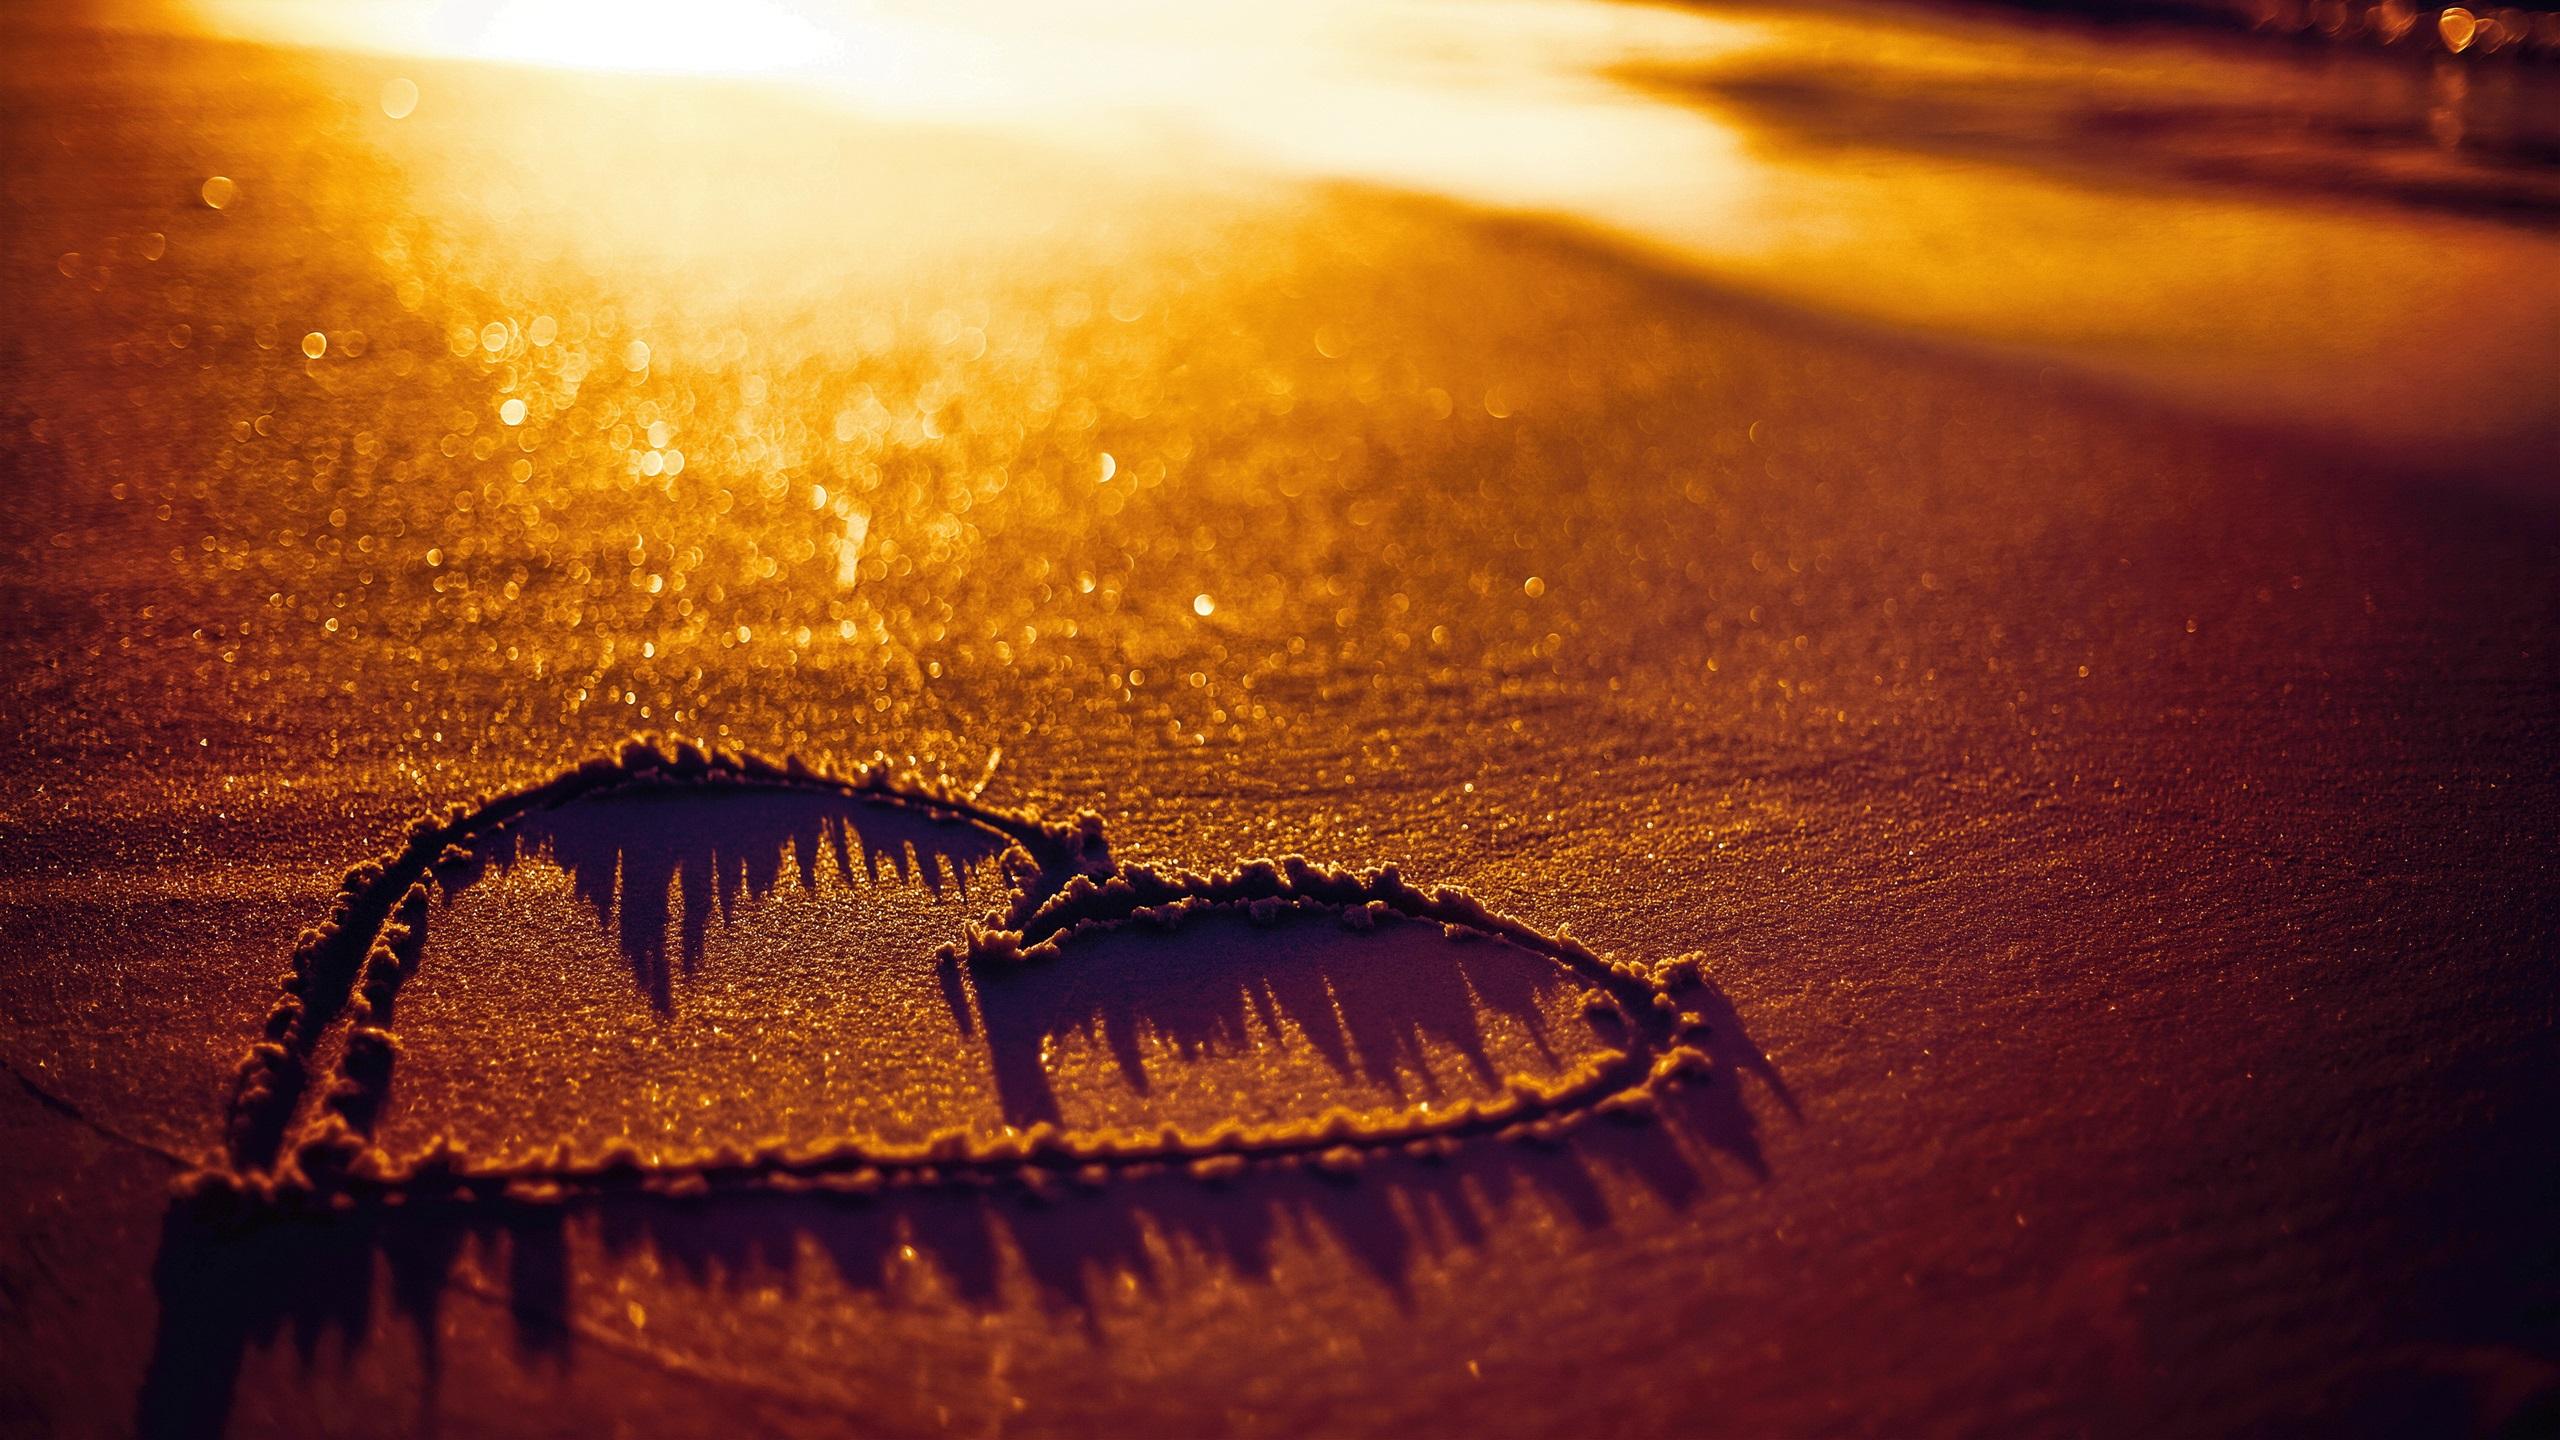 love heart beach sands sunset wallpaper 2560x1440 qhd description love ...